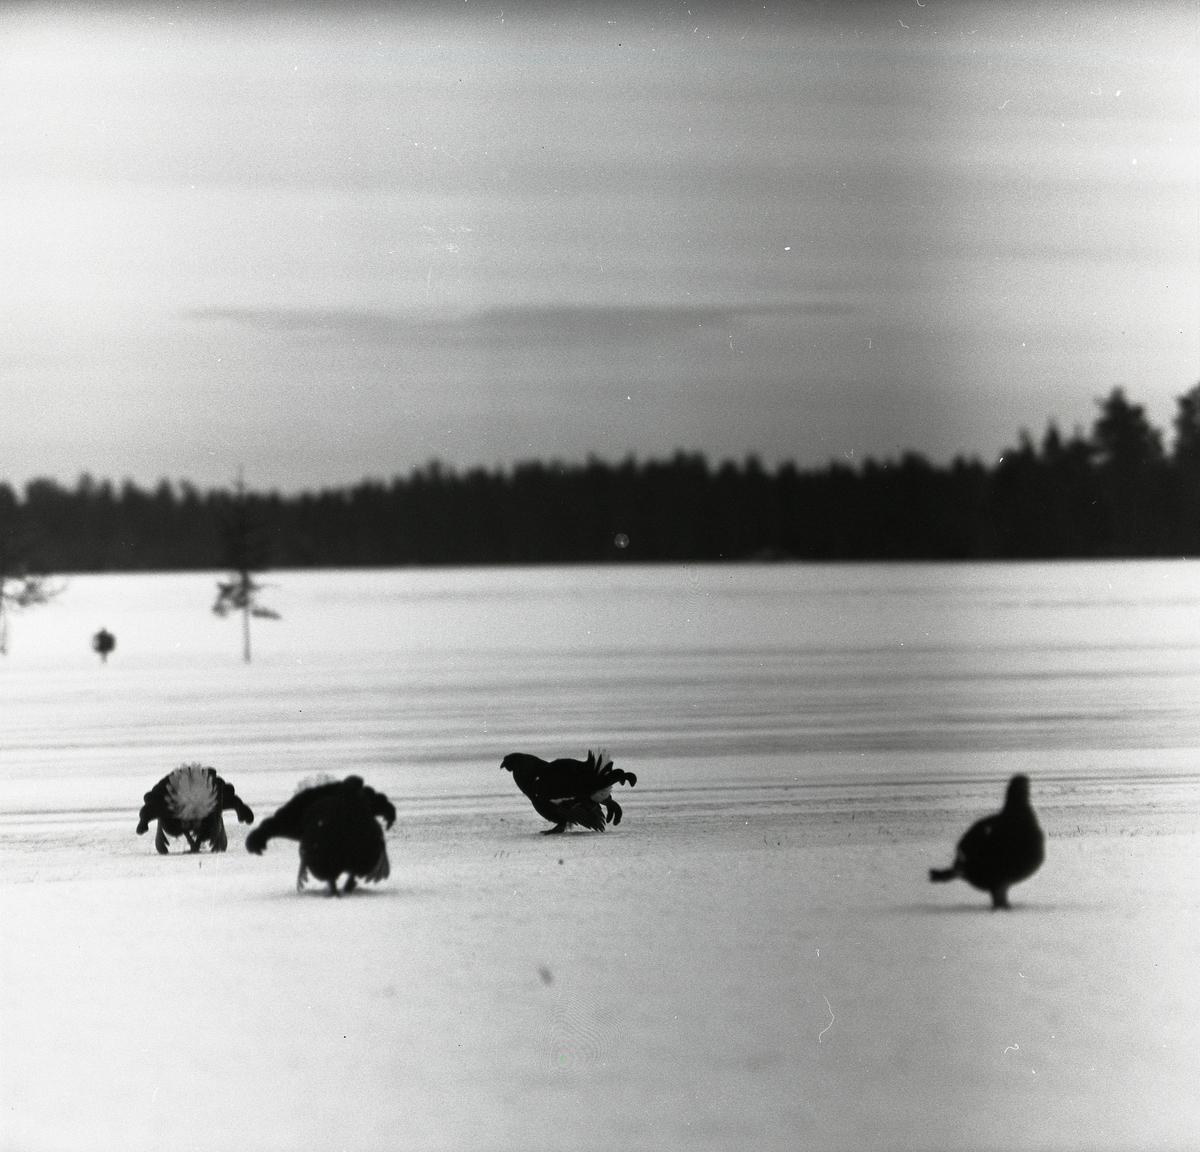 Några orrar på snön den 4 februari 1957 i Söderhamn.